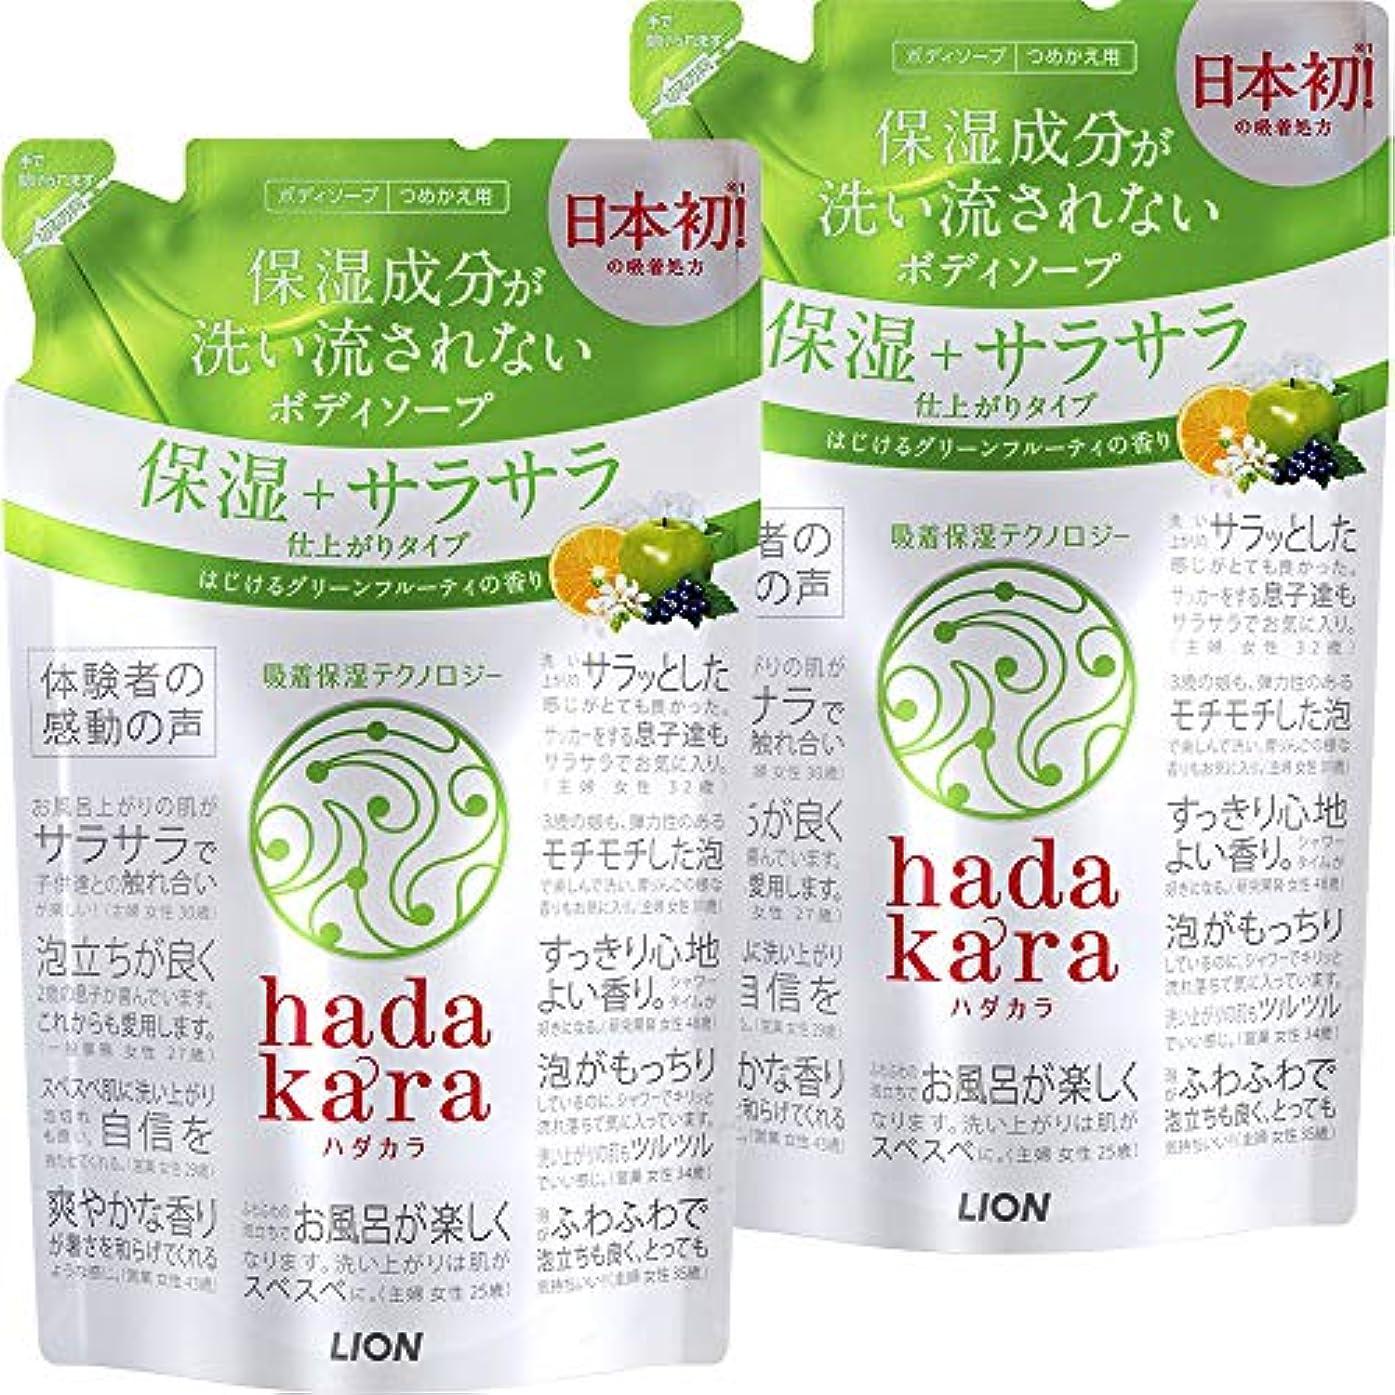 優れました構築する頑丈【まとめ買い】hadakara(ハダカラ) ボディソープ 保湿+サラサラ仕上がりタイプ グリーンフルーティの香り 詰め替え 340ml×2個パック